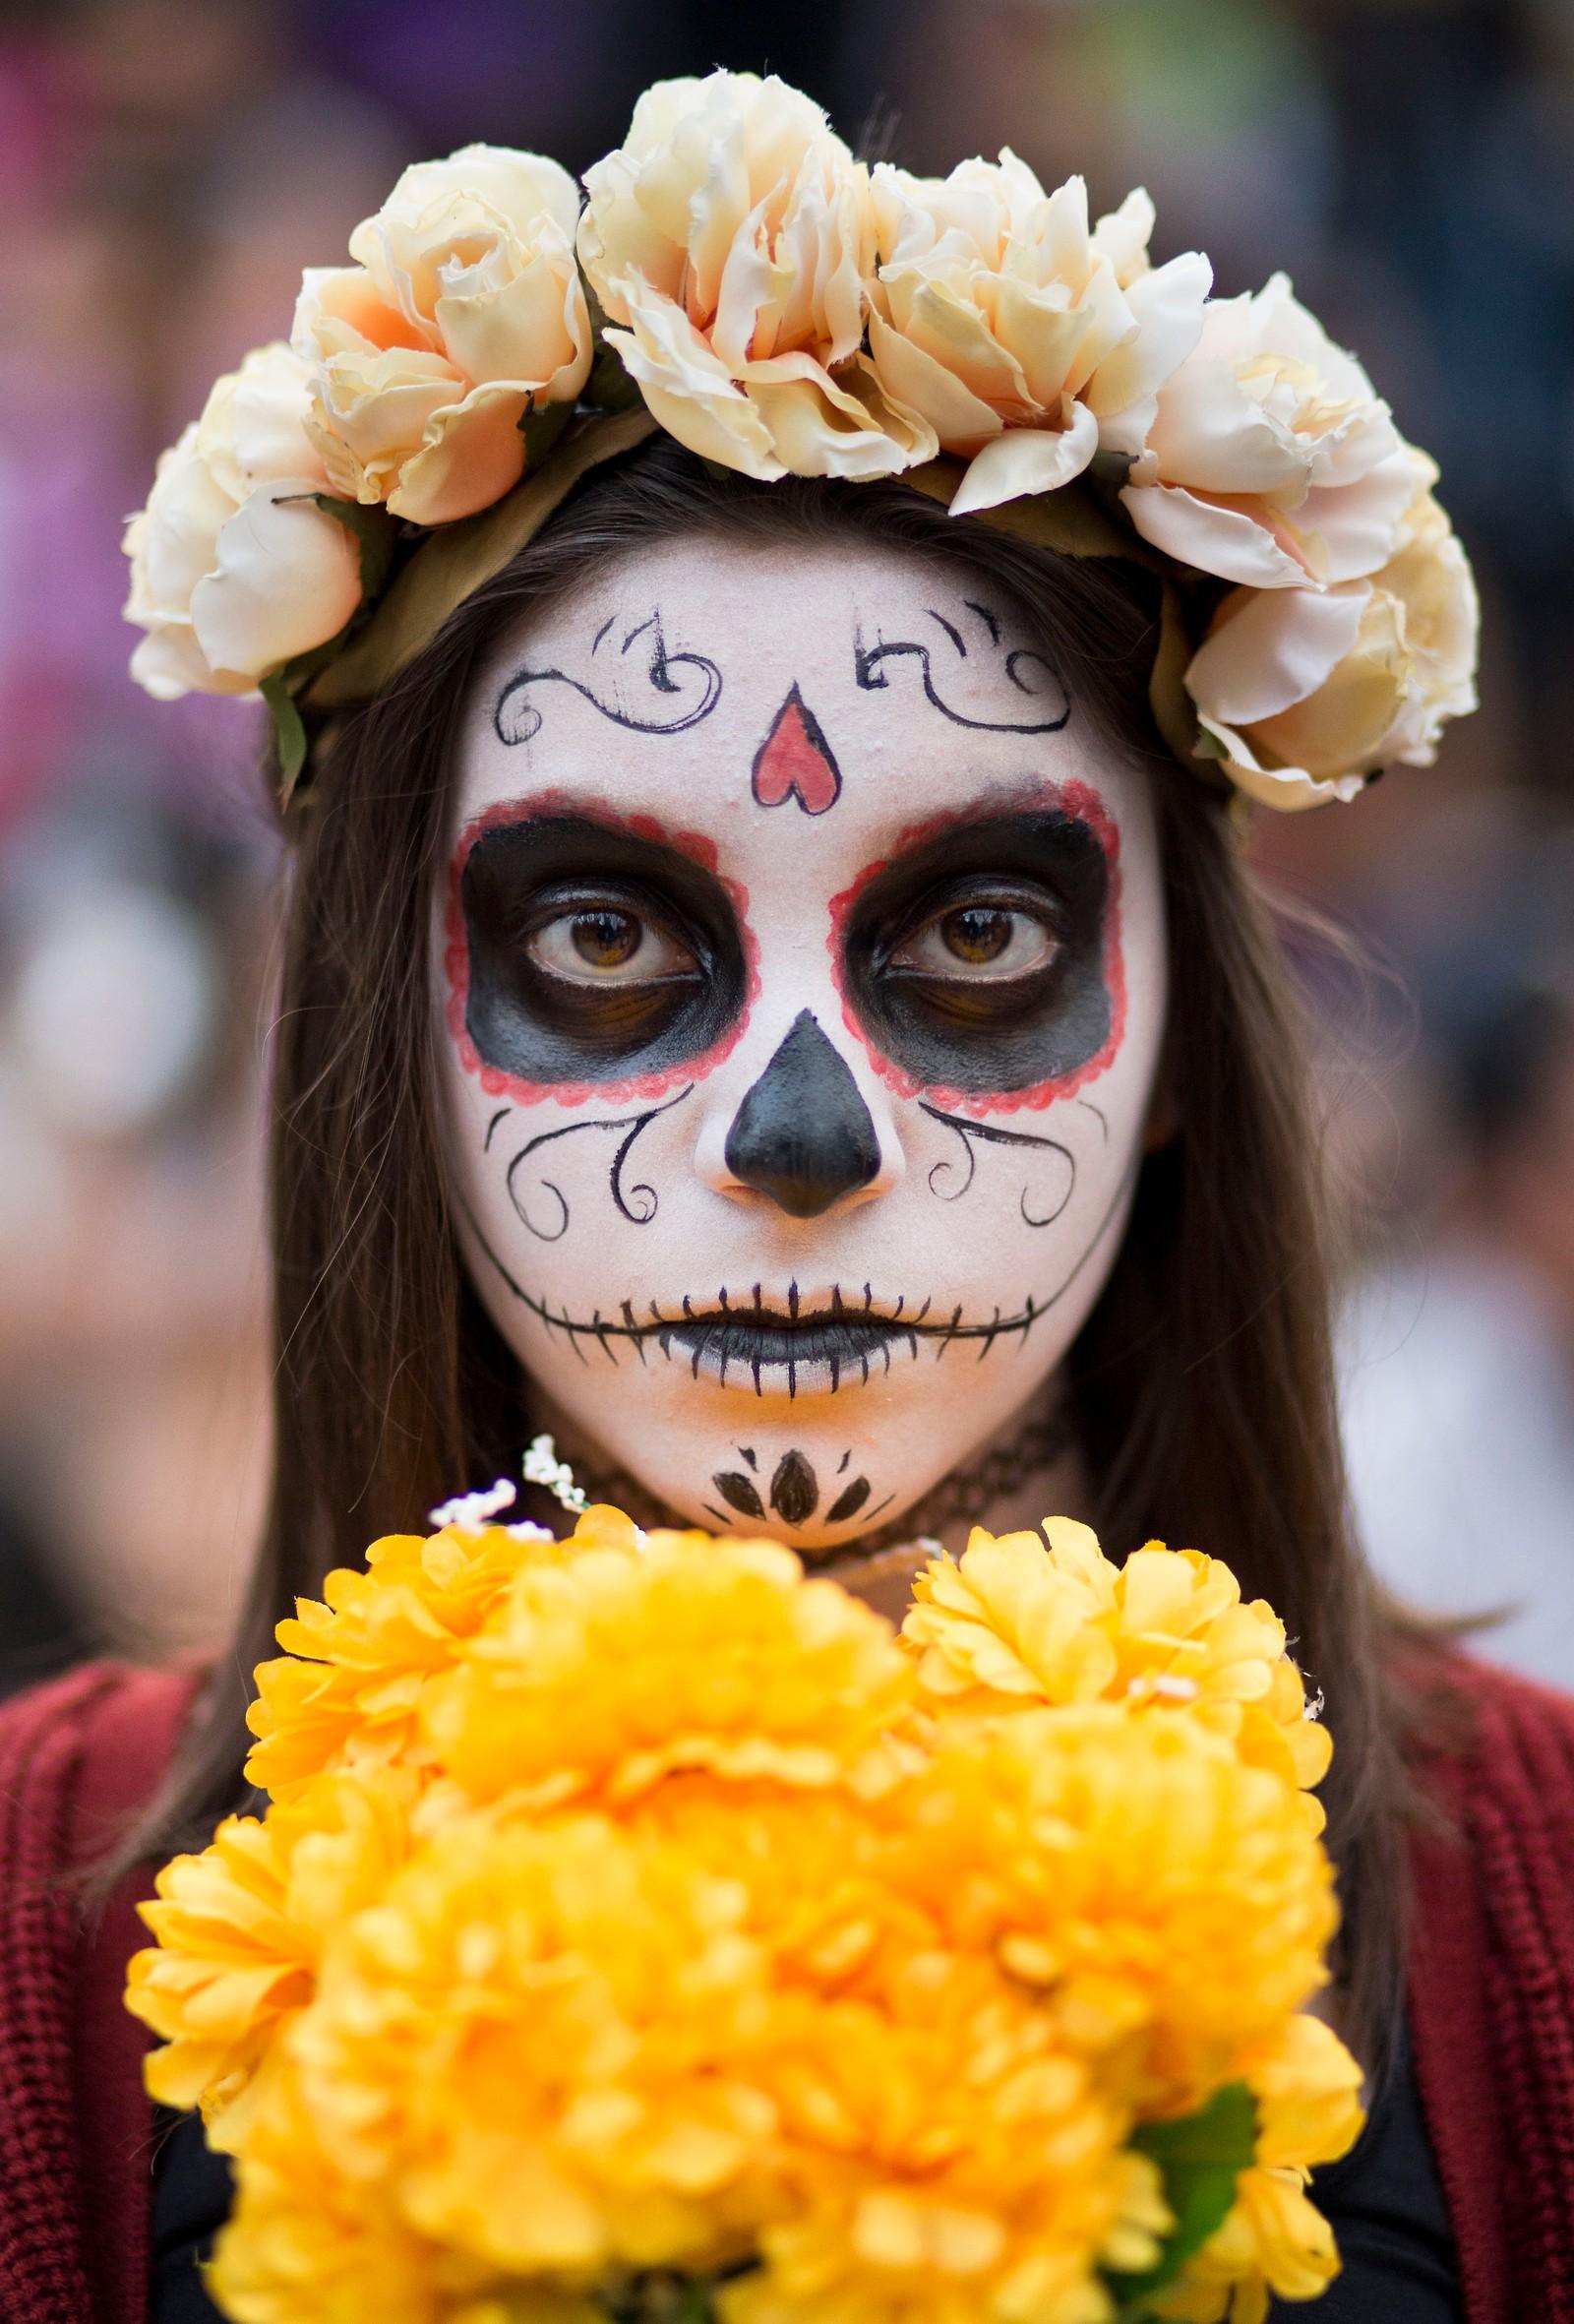 Denne jenta valgte en litt mildere utkledning under det årlige arrangementet.